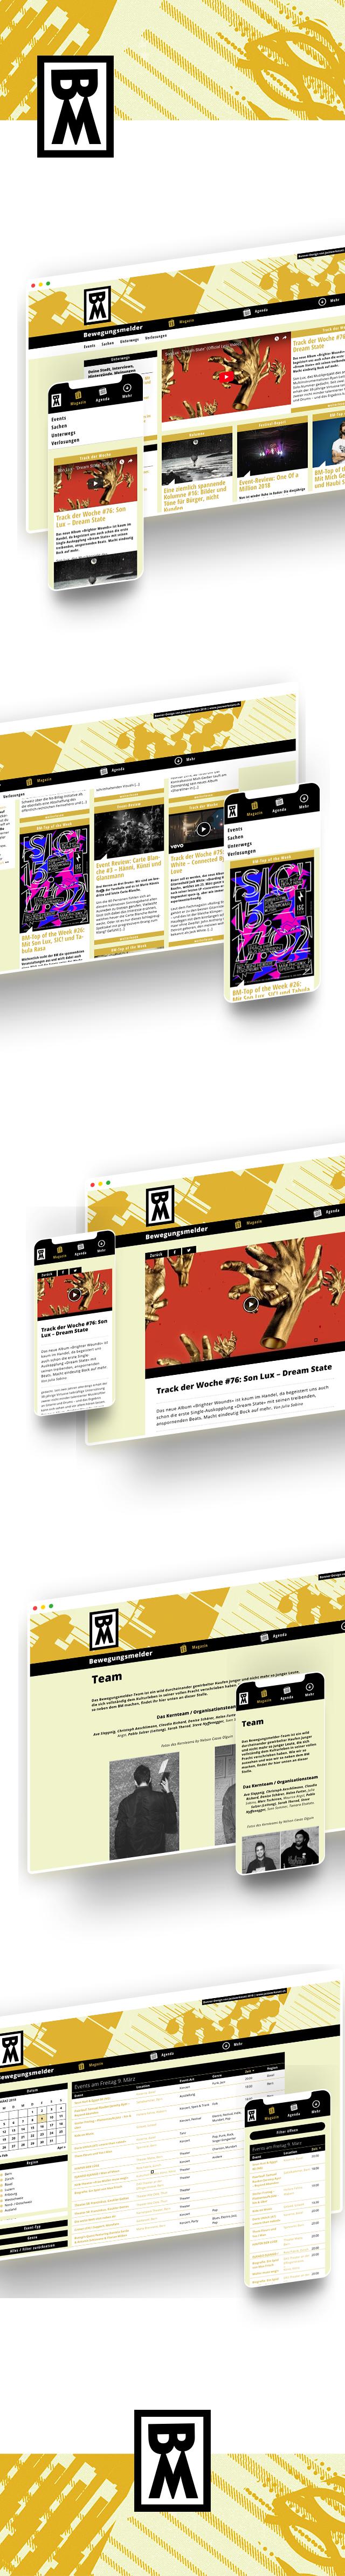 GLUNZ Projekt: Glunz Bewegungsmelder Mobile 640xXXXXXpx 2